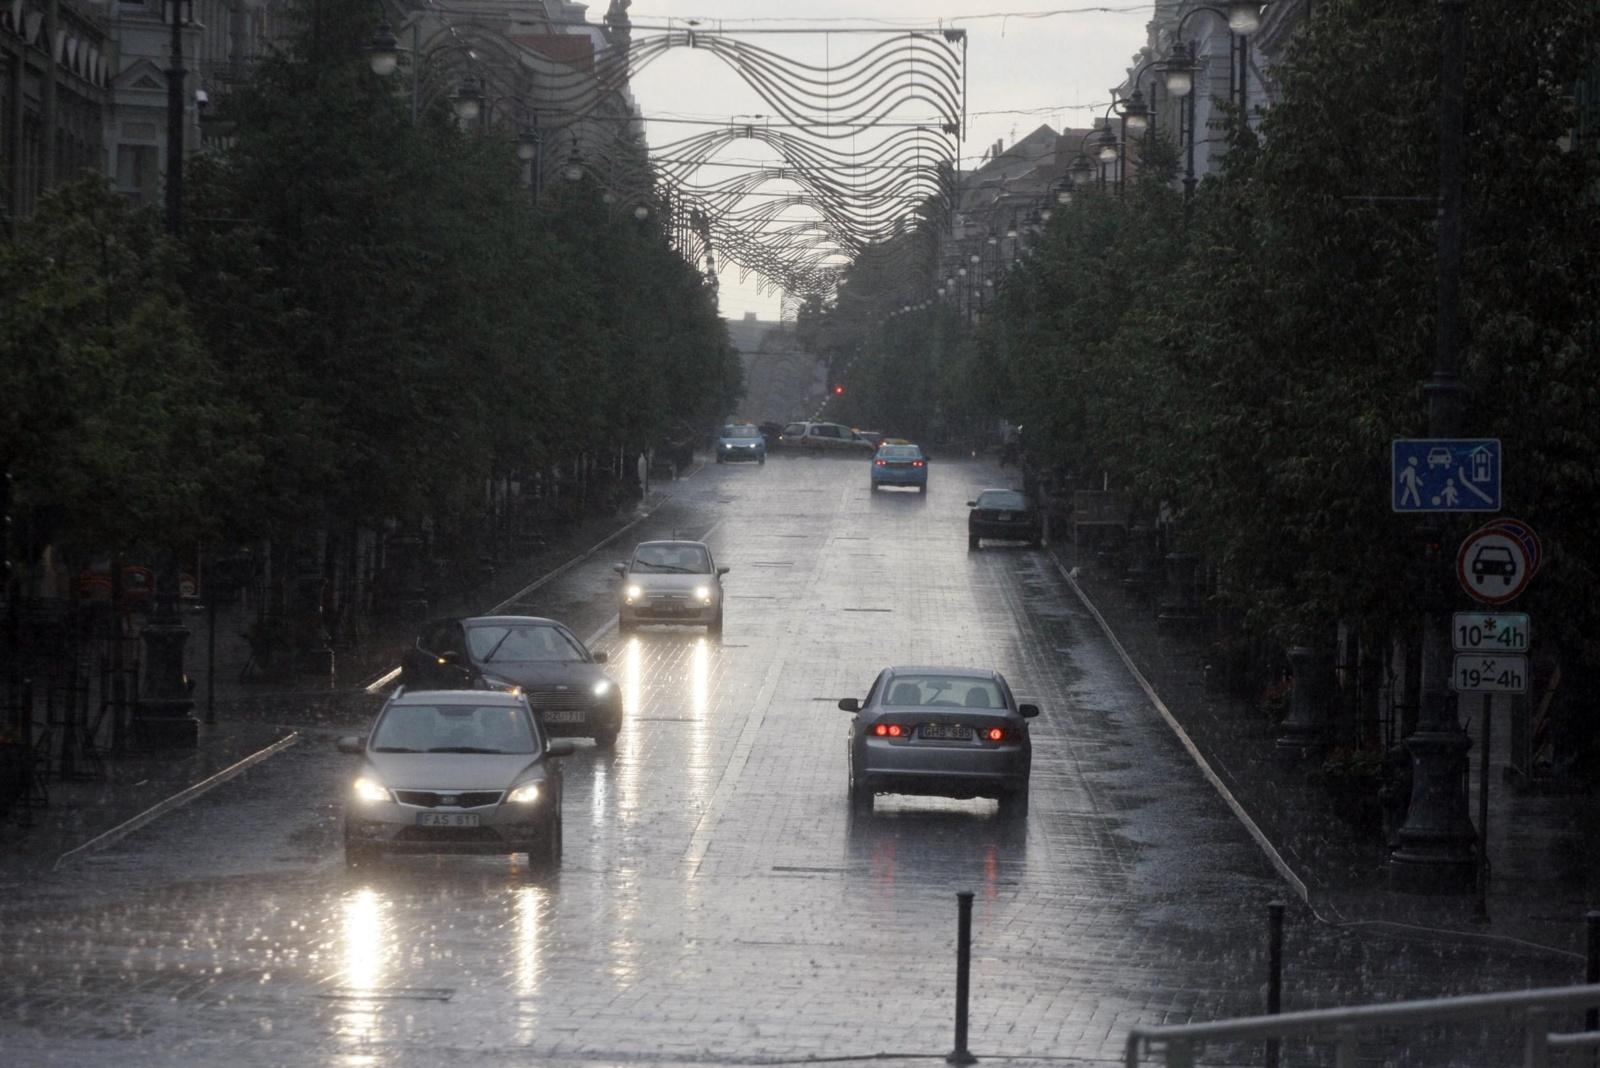 Eismo sąlygos: Klaipėdos, Tauragės ir Marijampolės apskrityse jas sunkina lietus